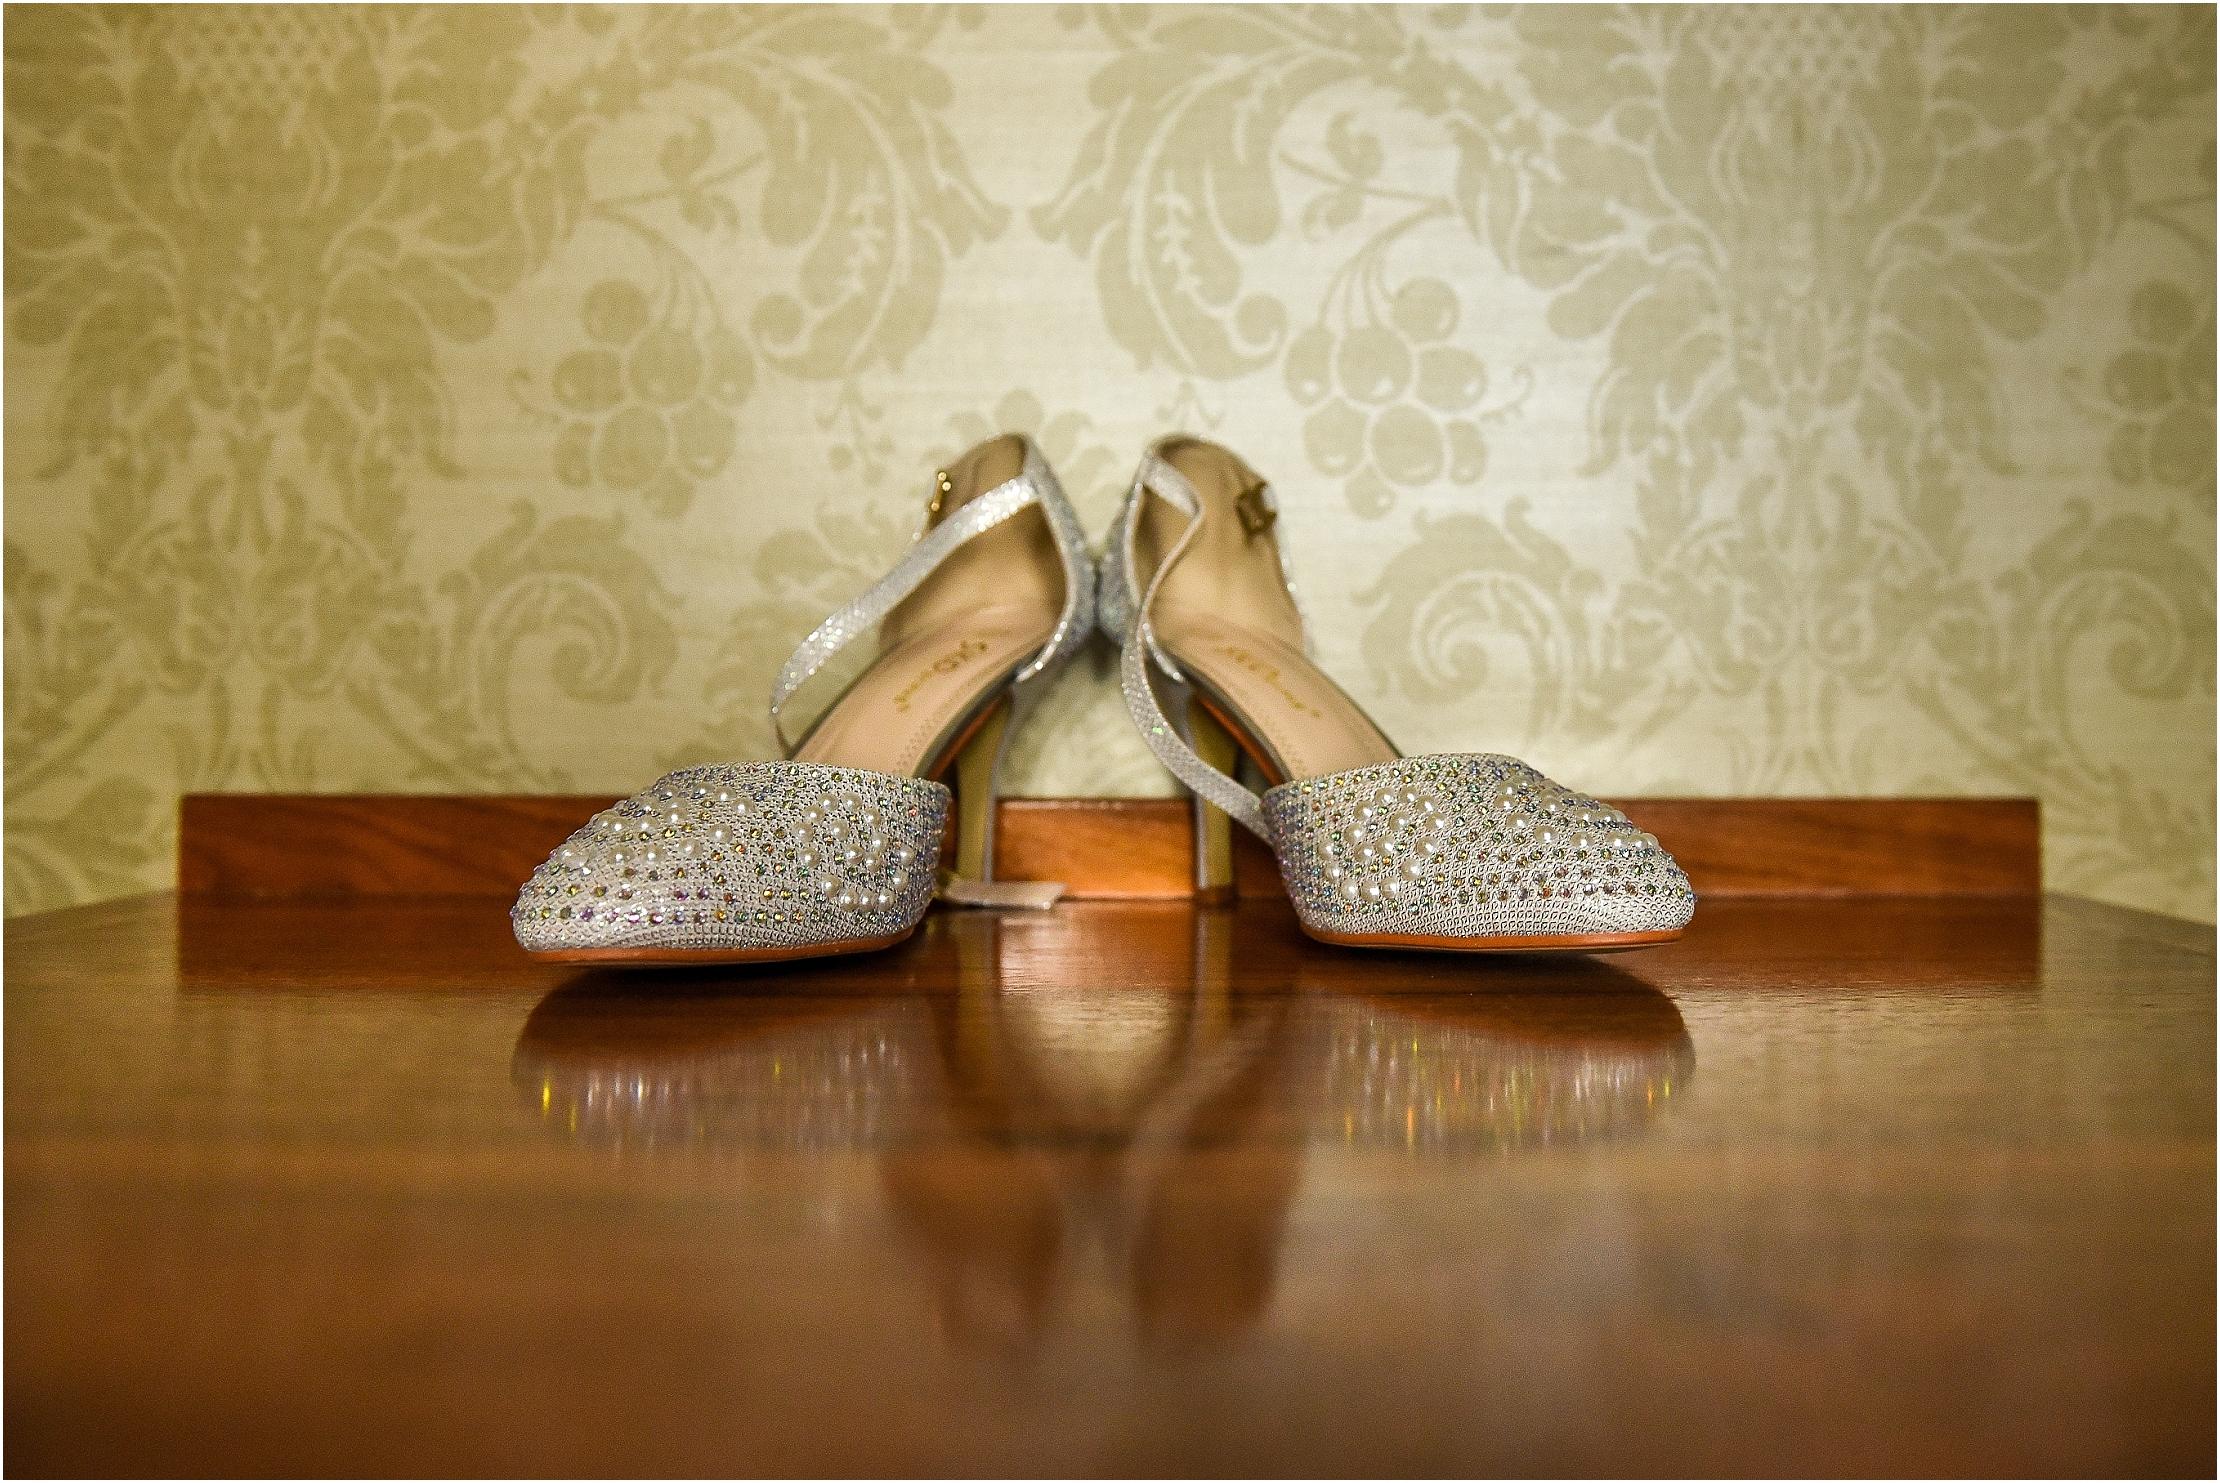 lodore-falls-hotel-wedding- 023.jpg